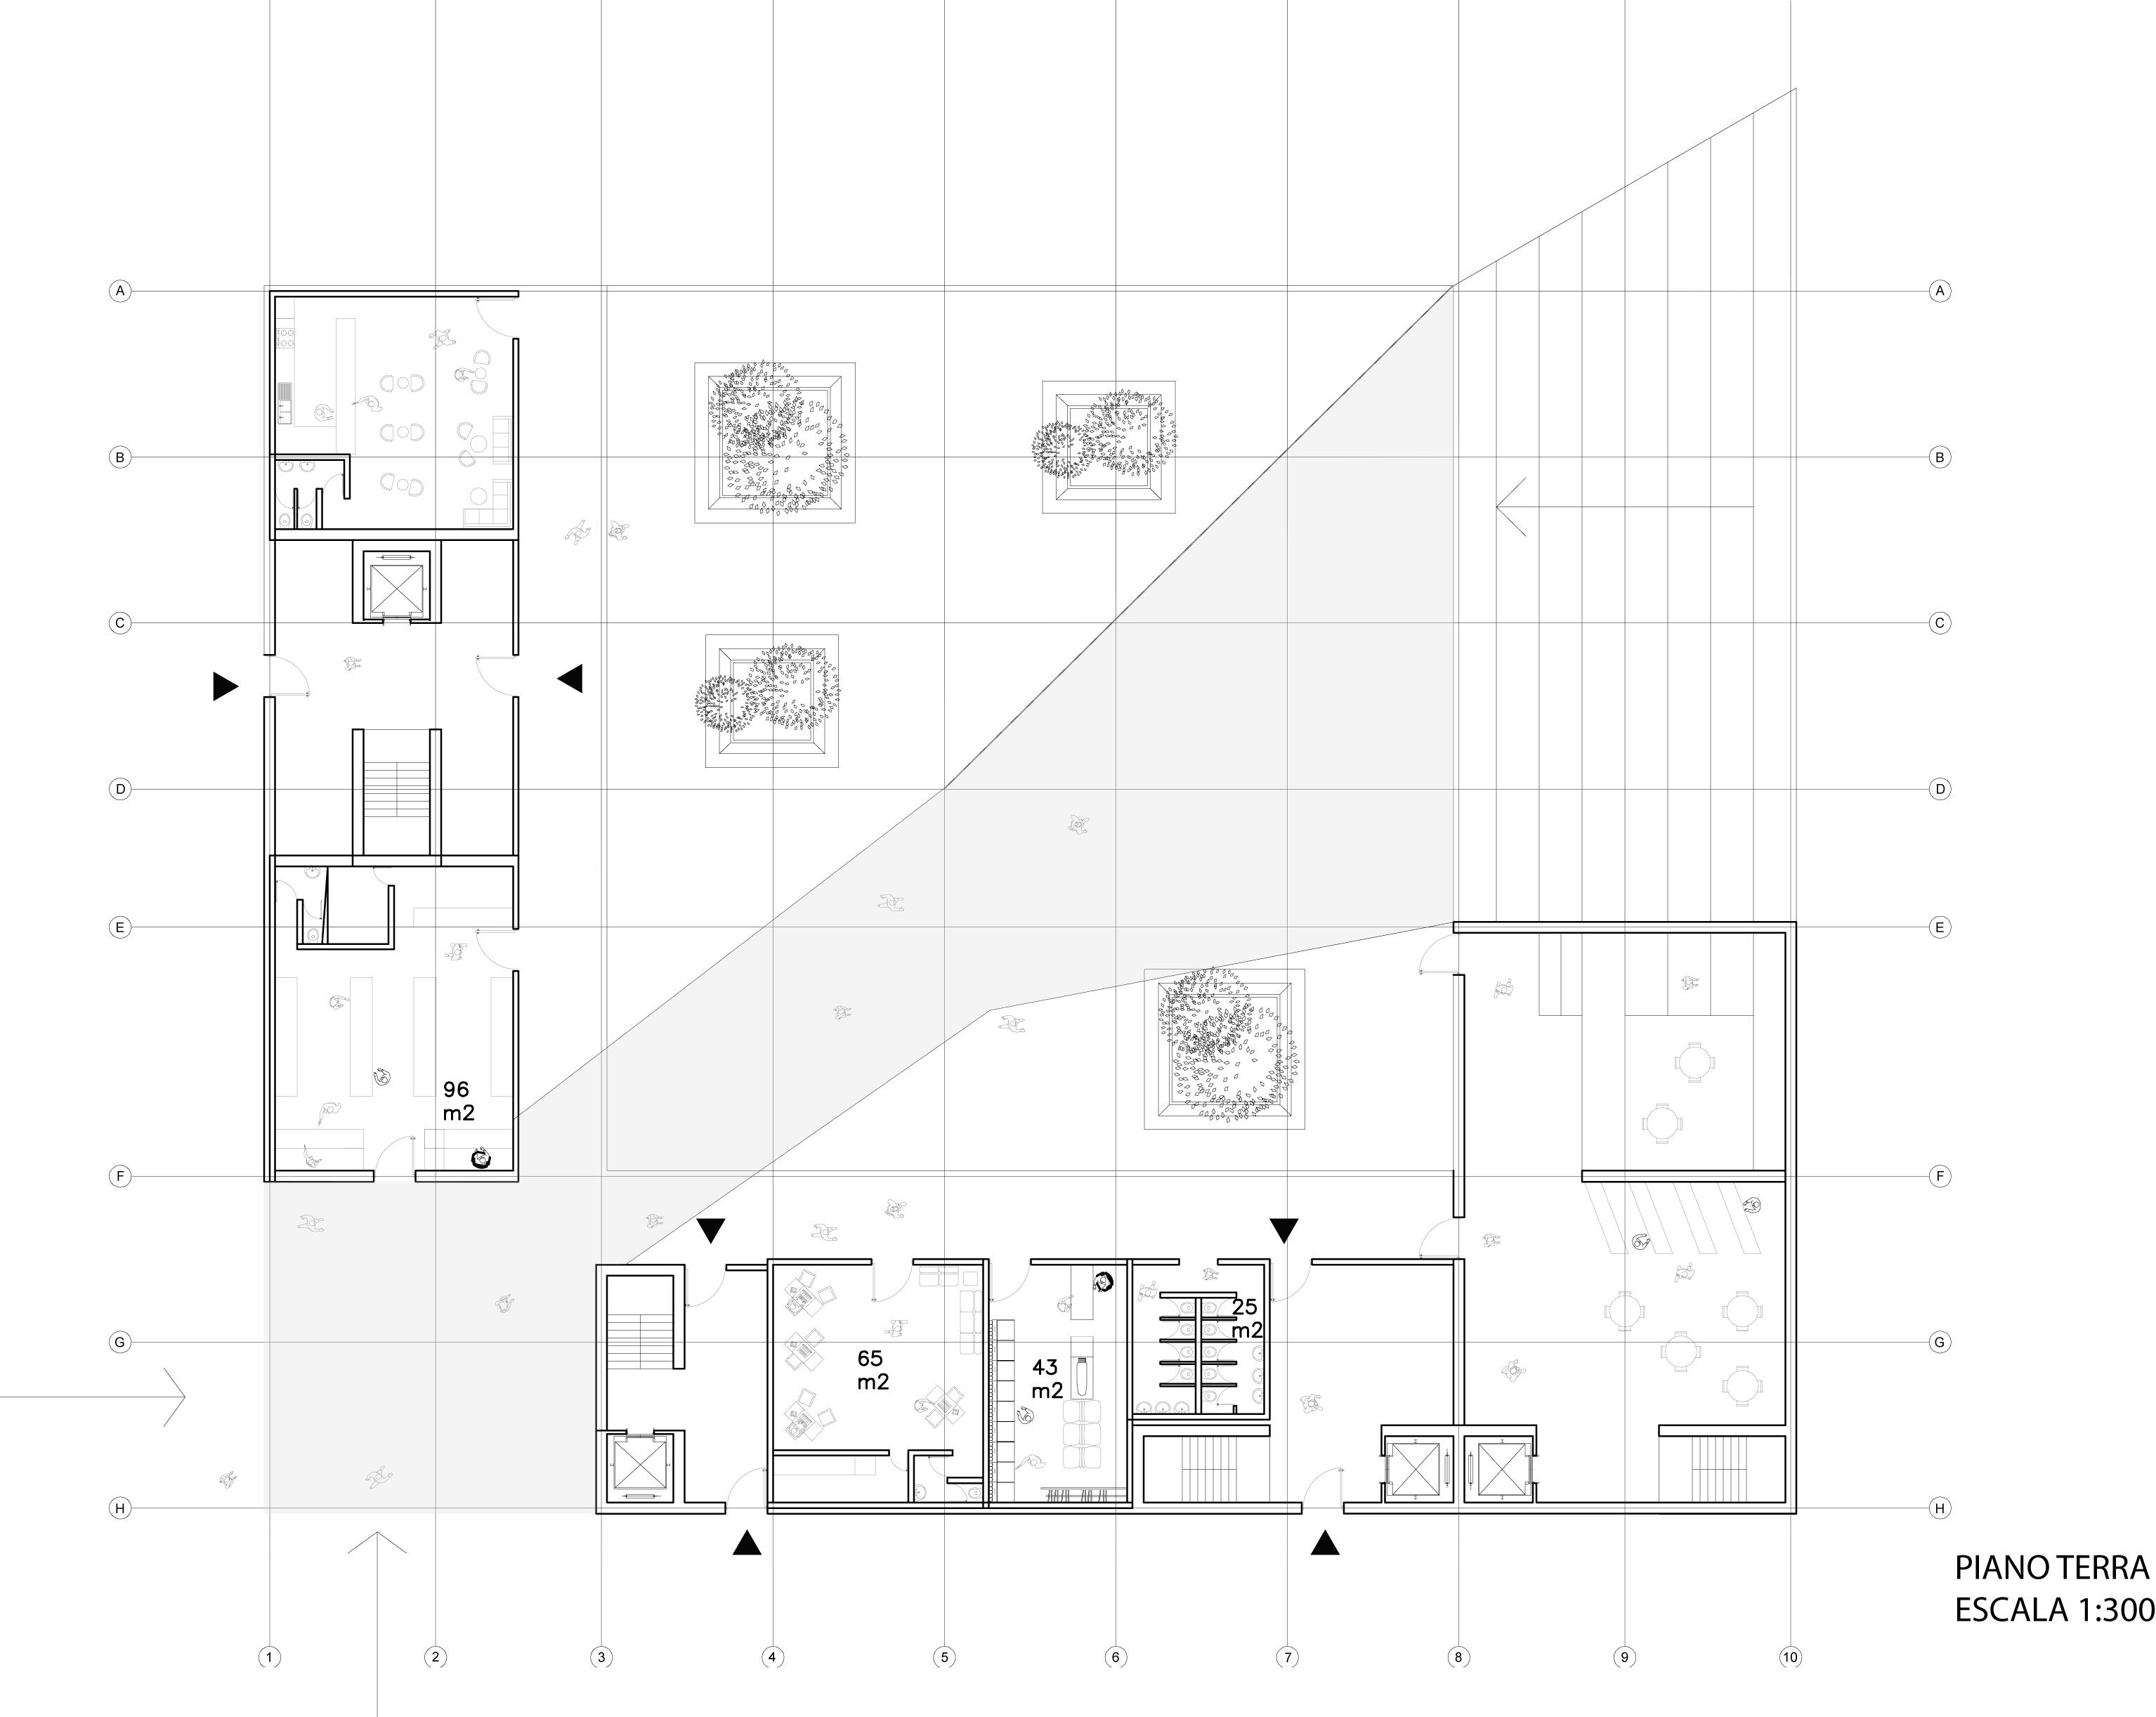 Progetto di antonio ceballos conejero laboratorio di for Strumento di layout piano terra